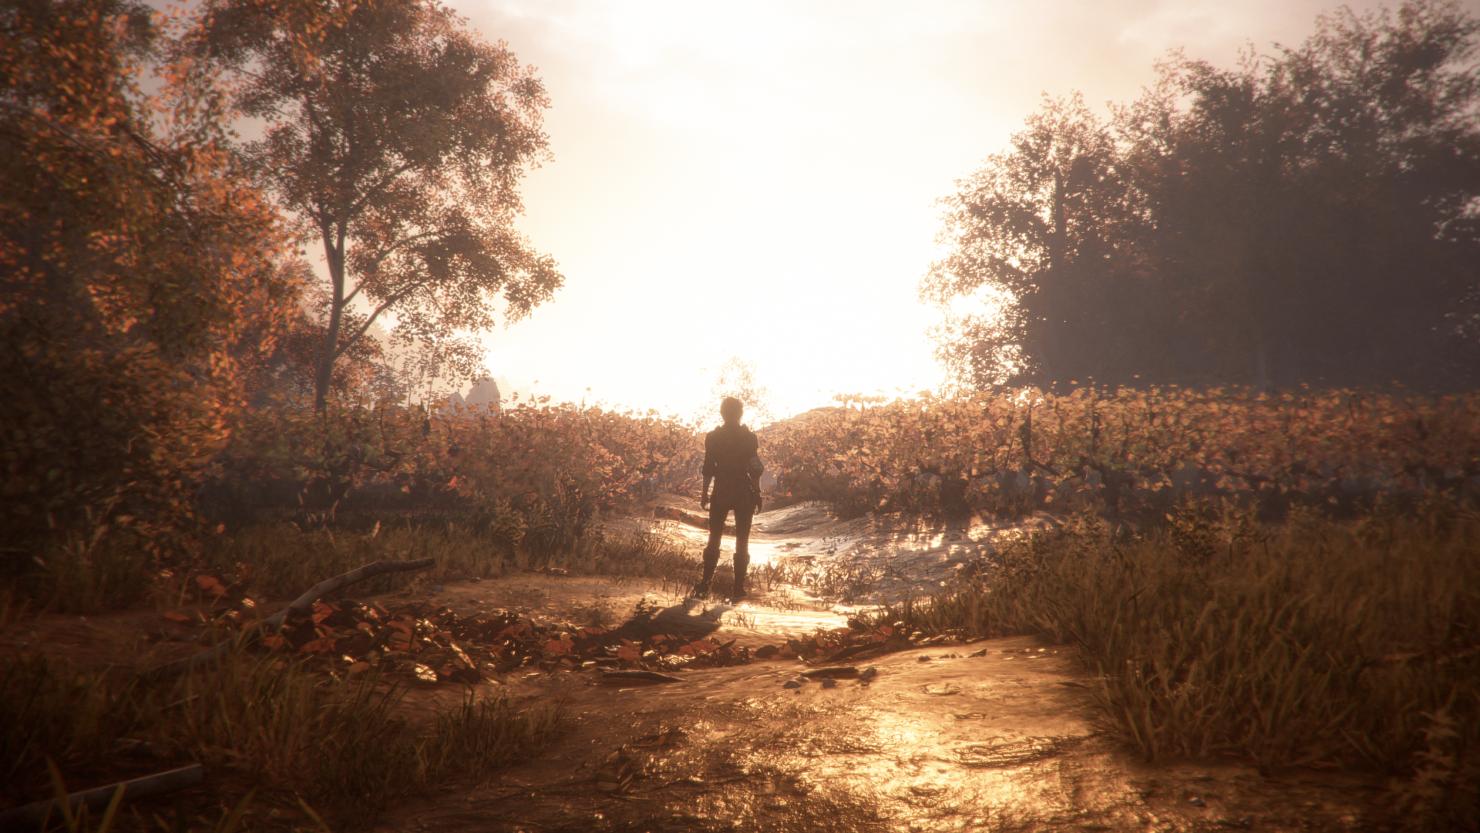 plague-tale-innocence-new-screenshots-screenshot-17